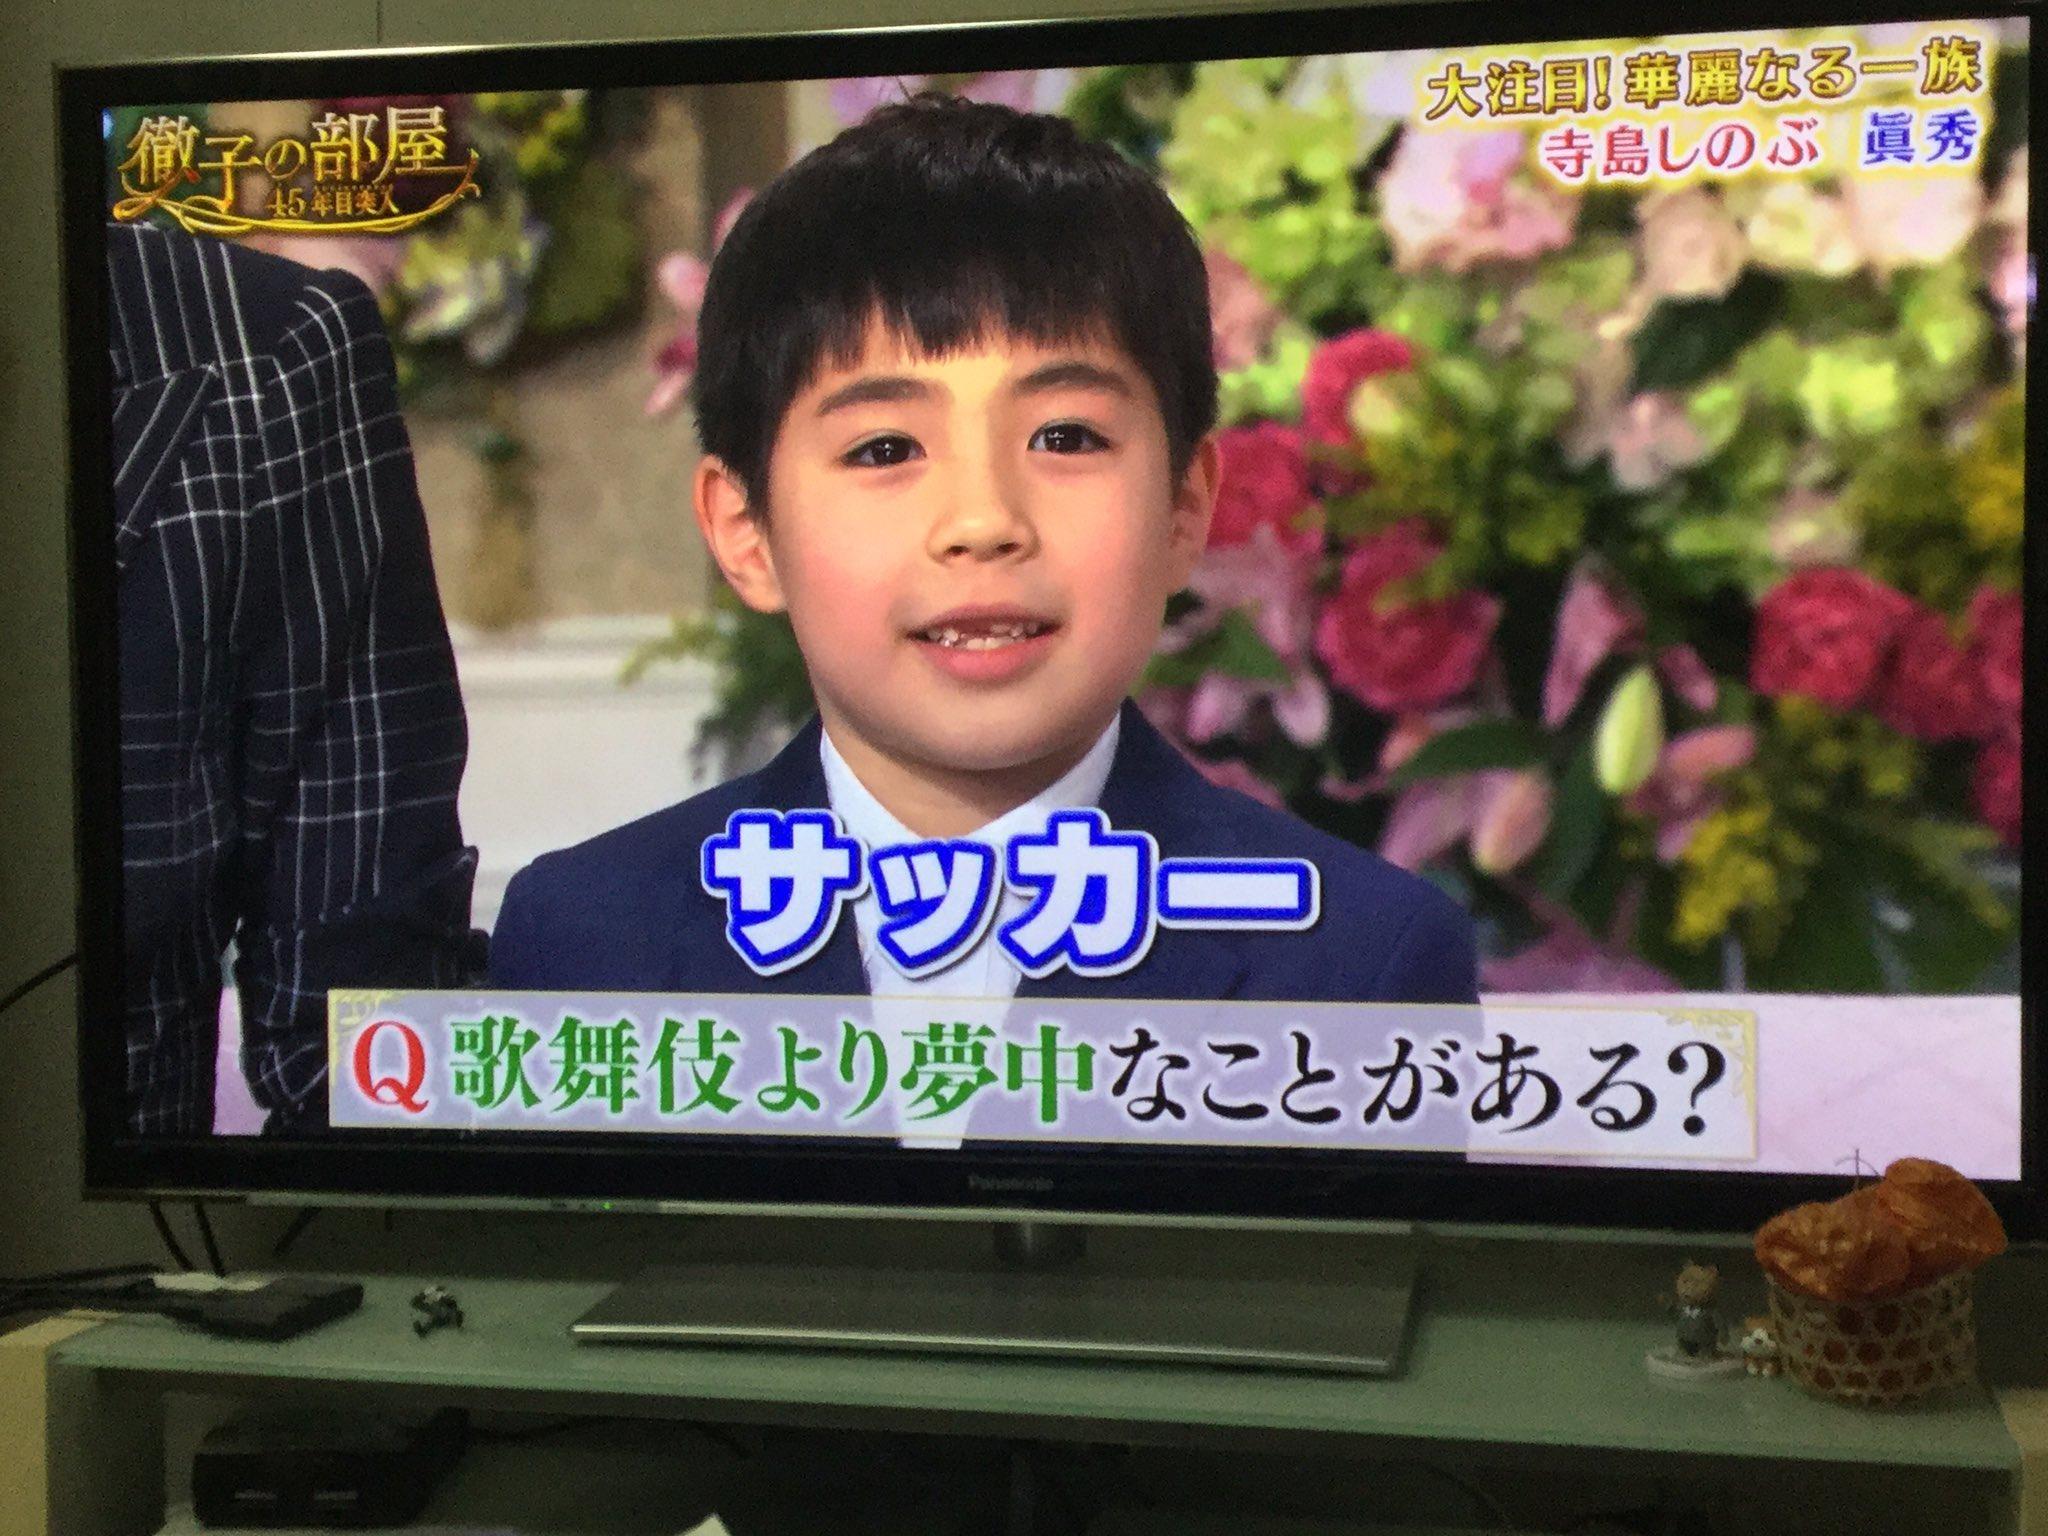 寺島しのぶの息子、眞秀君顔画像9(現在)